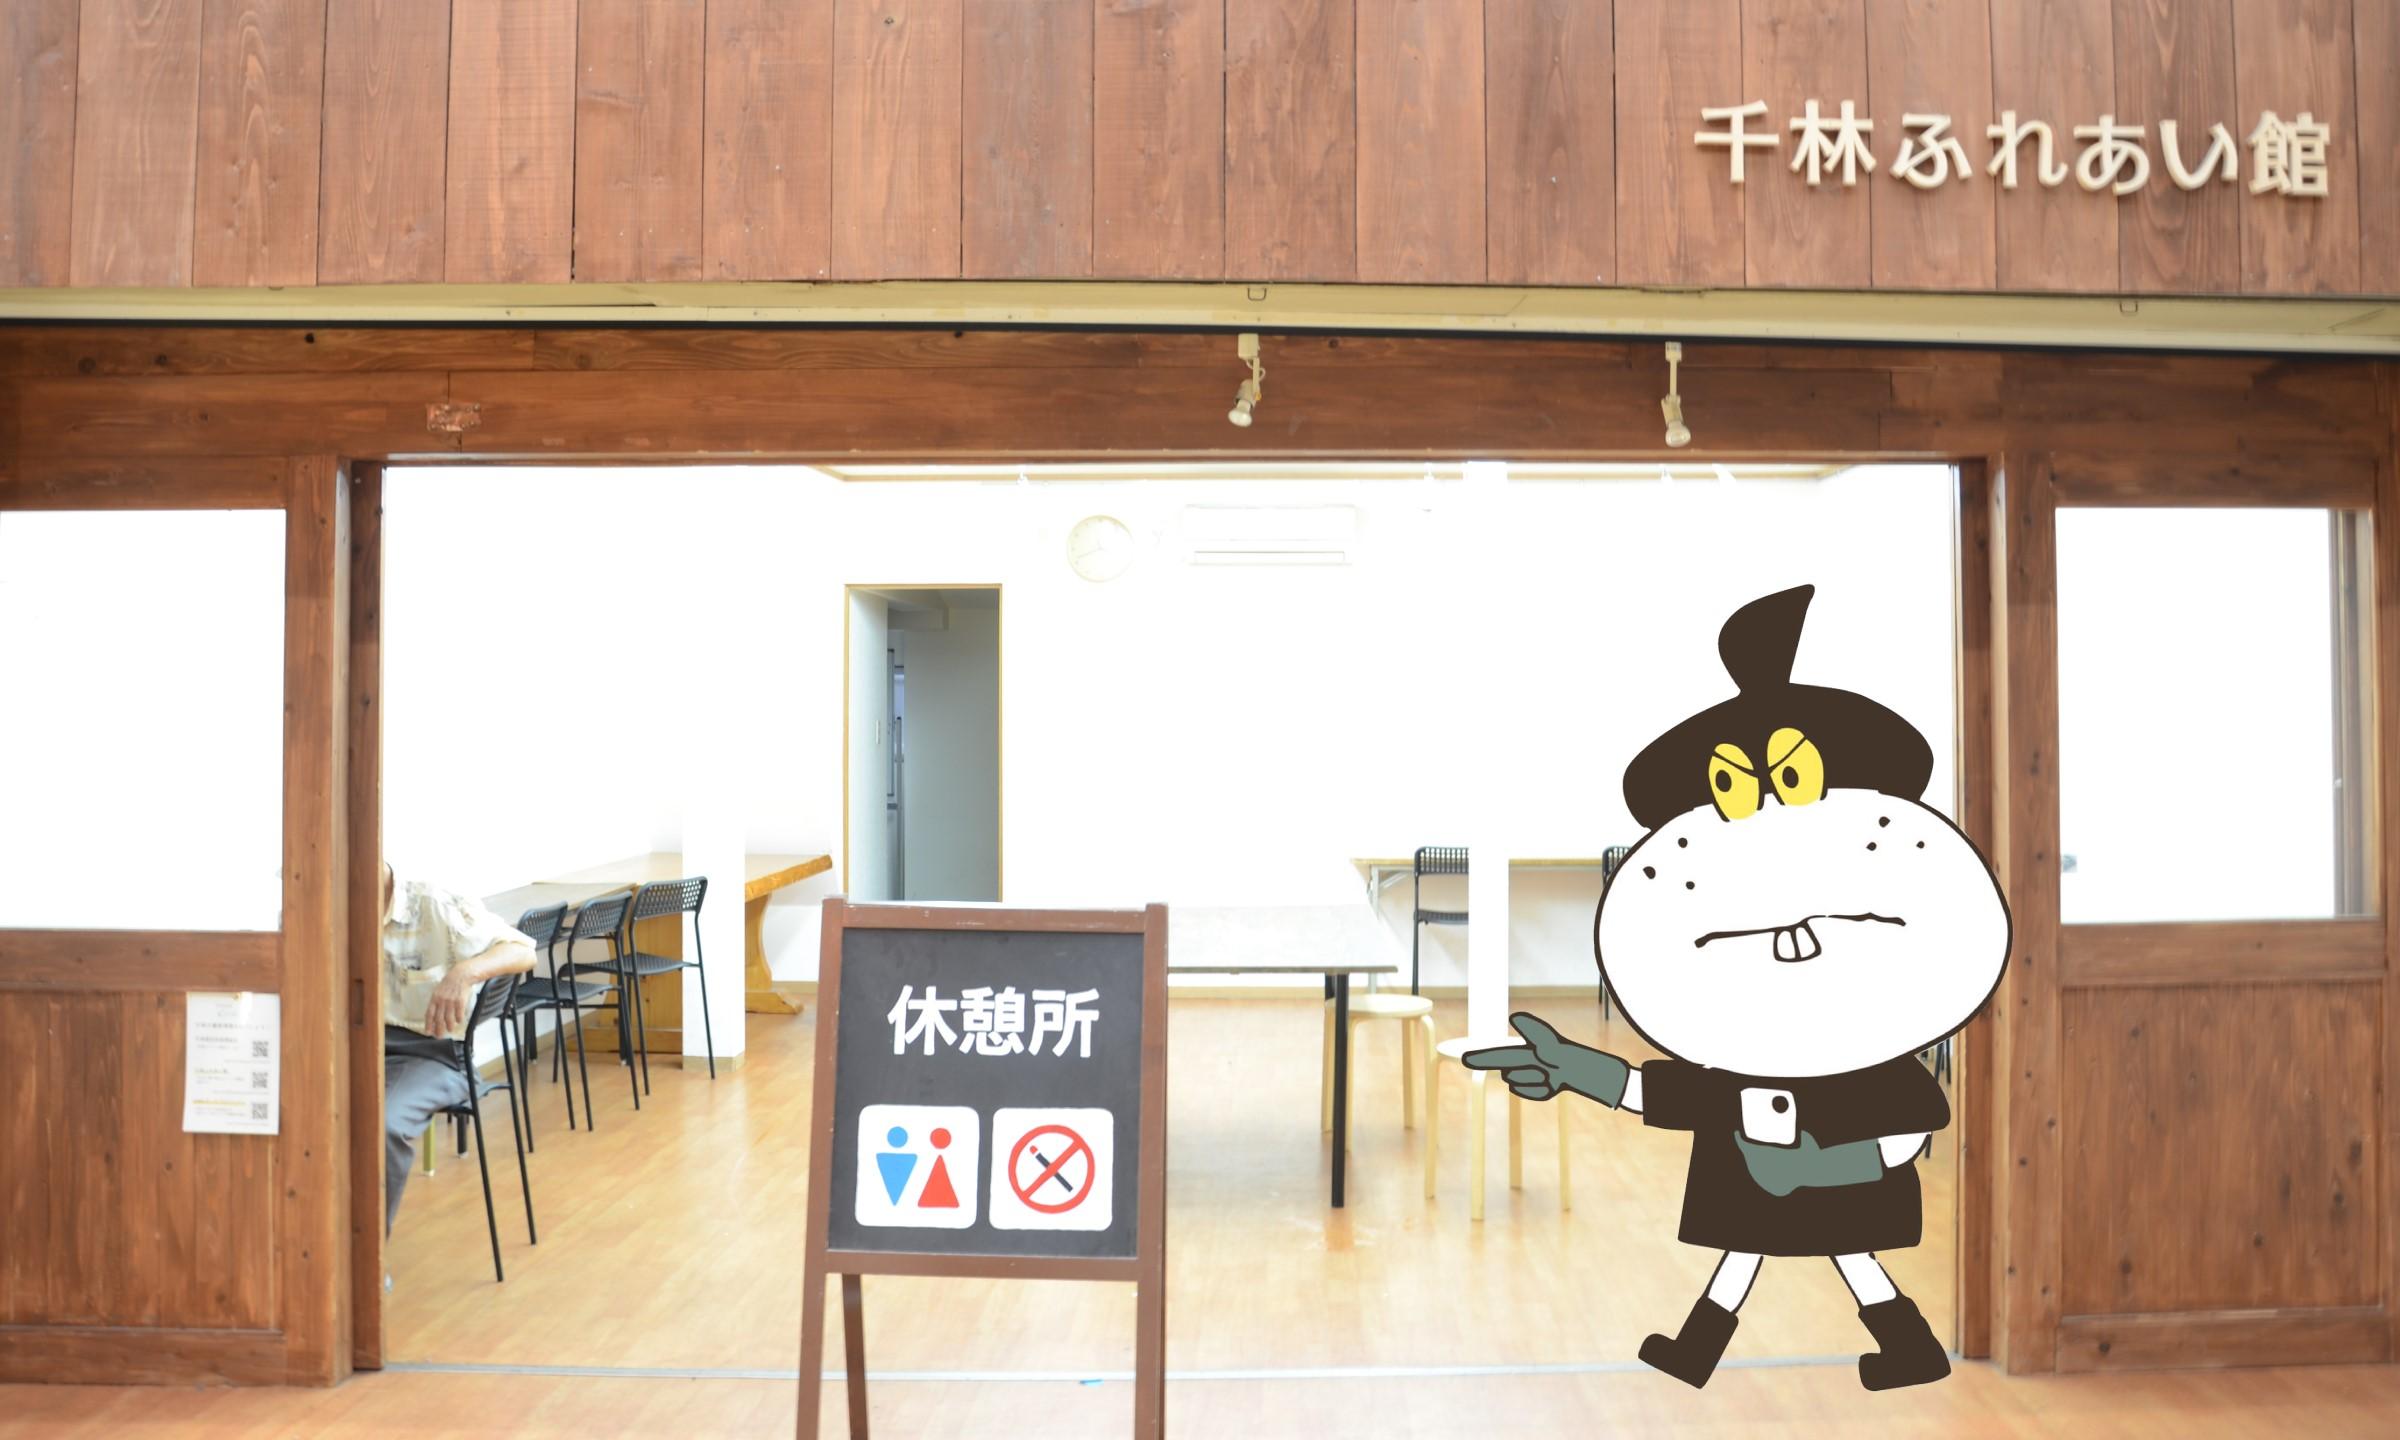 千林ふれあい館 幻のトイレ!?